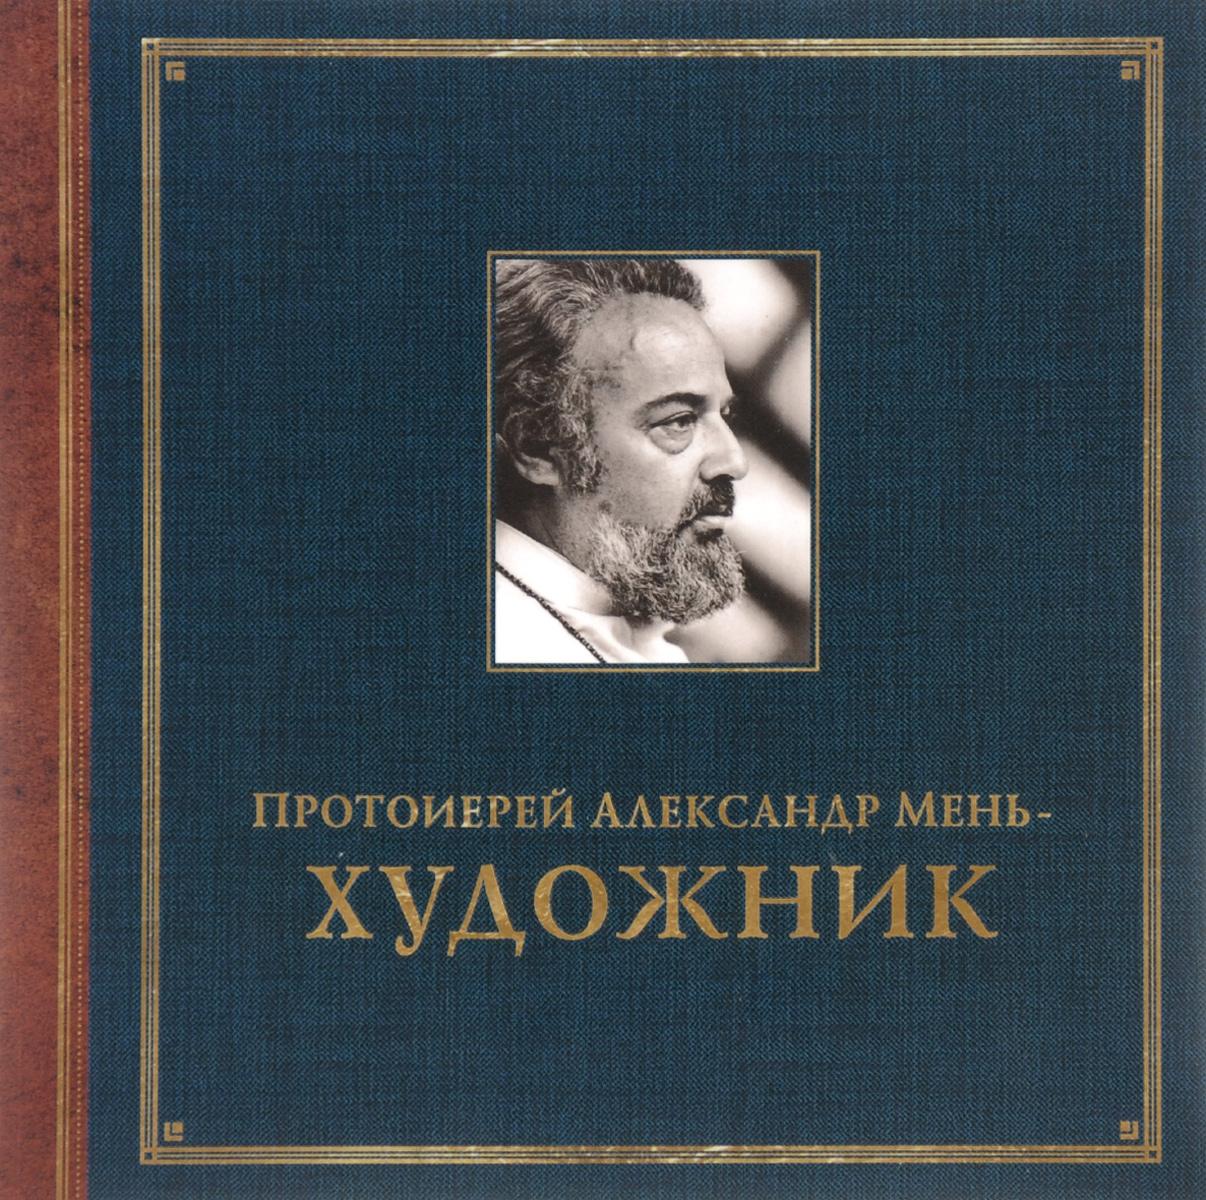 Протоиерей Александр Мень - художник митрофорный протоиерей александр введенский воскресение христово